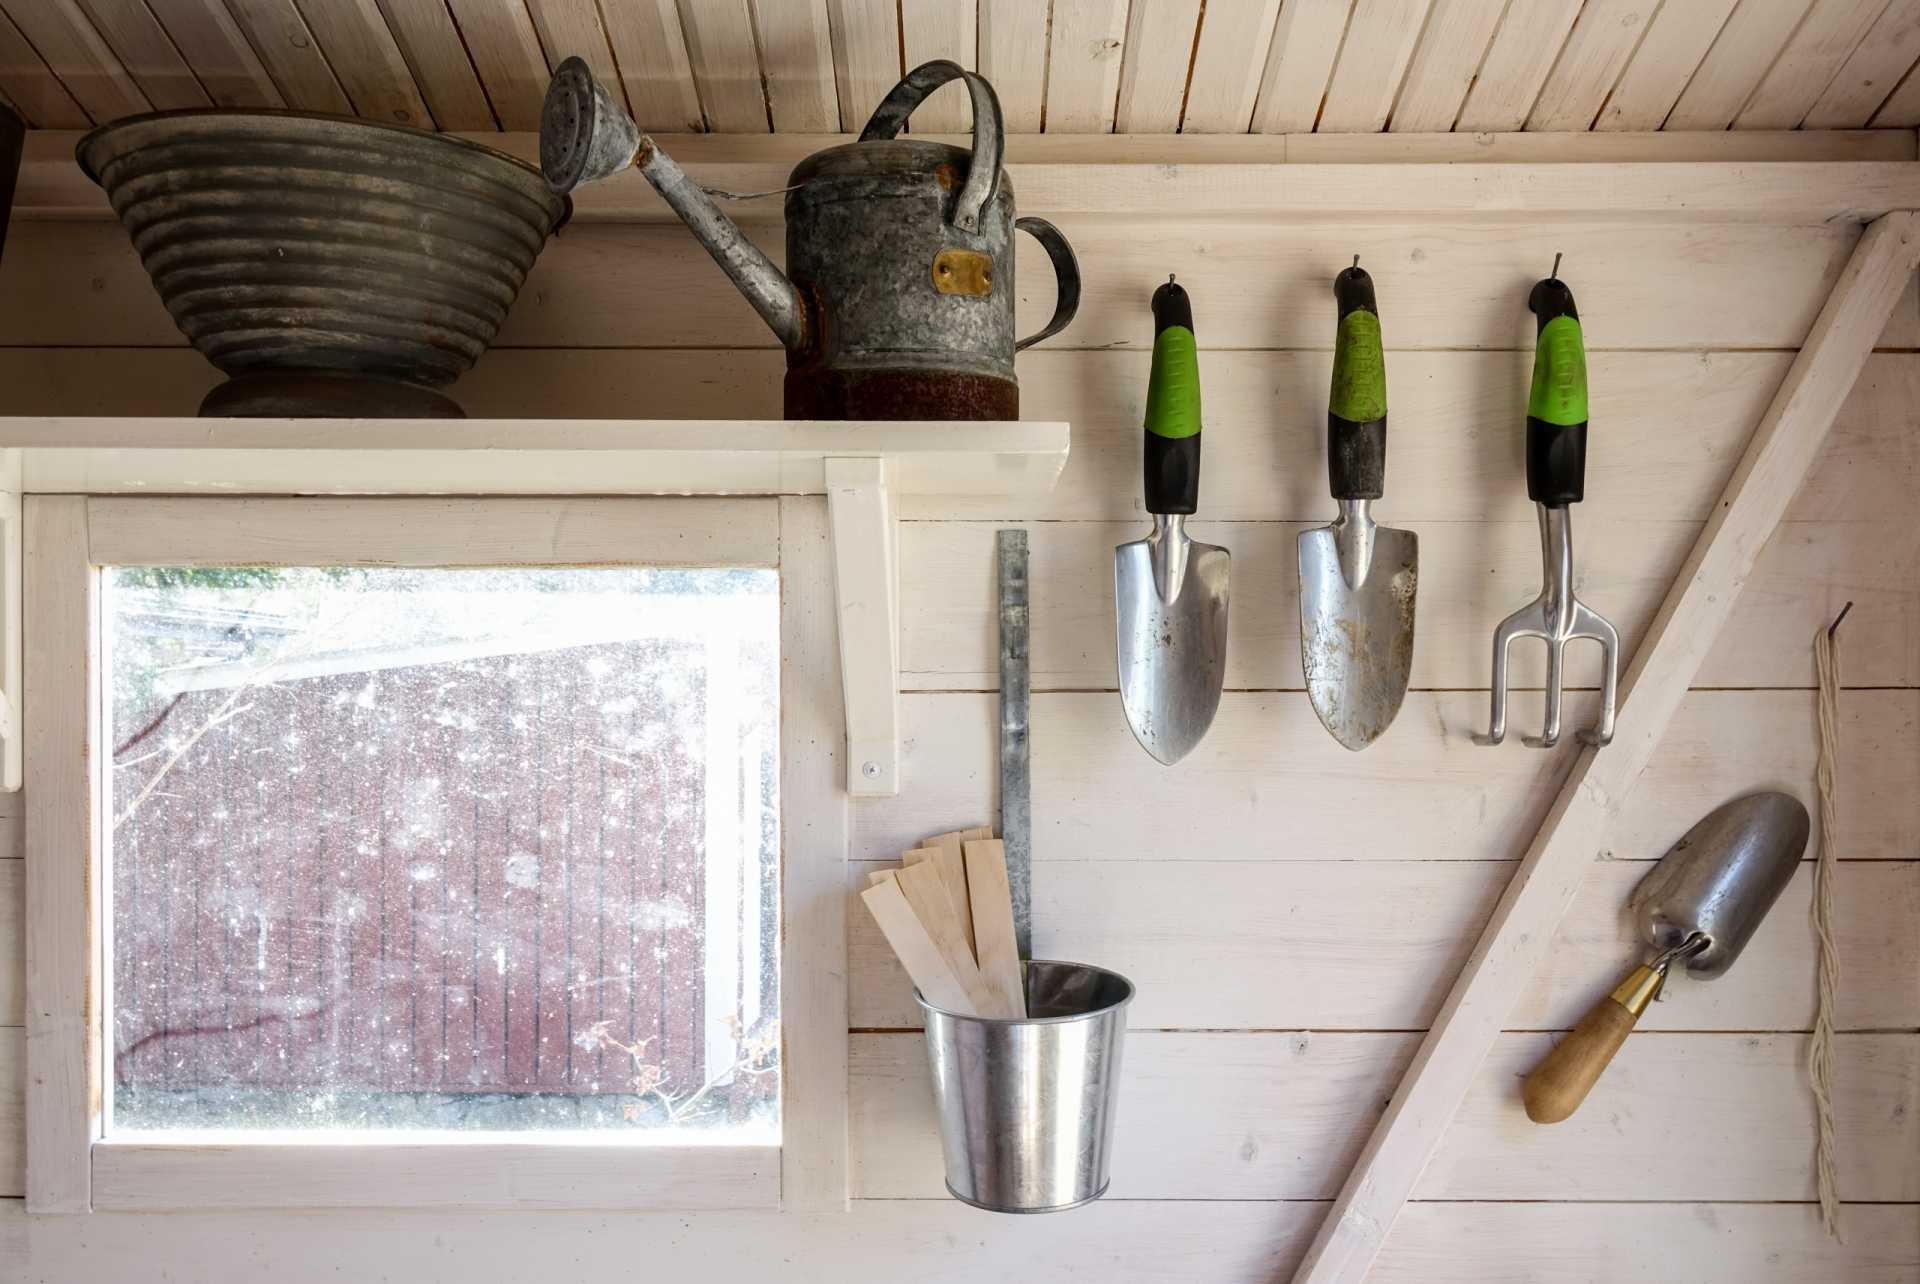 3 Gerätehäuser für eine wettergeschützte Aufbewahrung der Gartengeräte